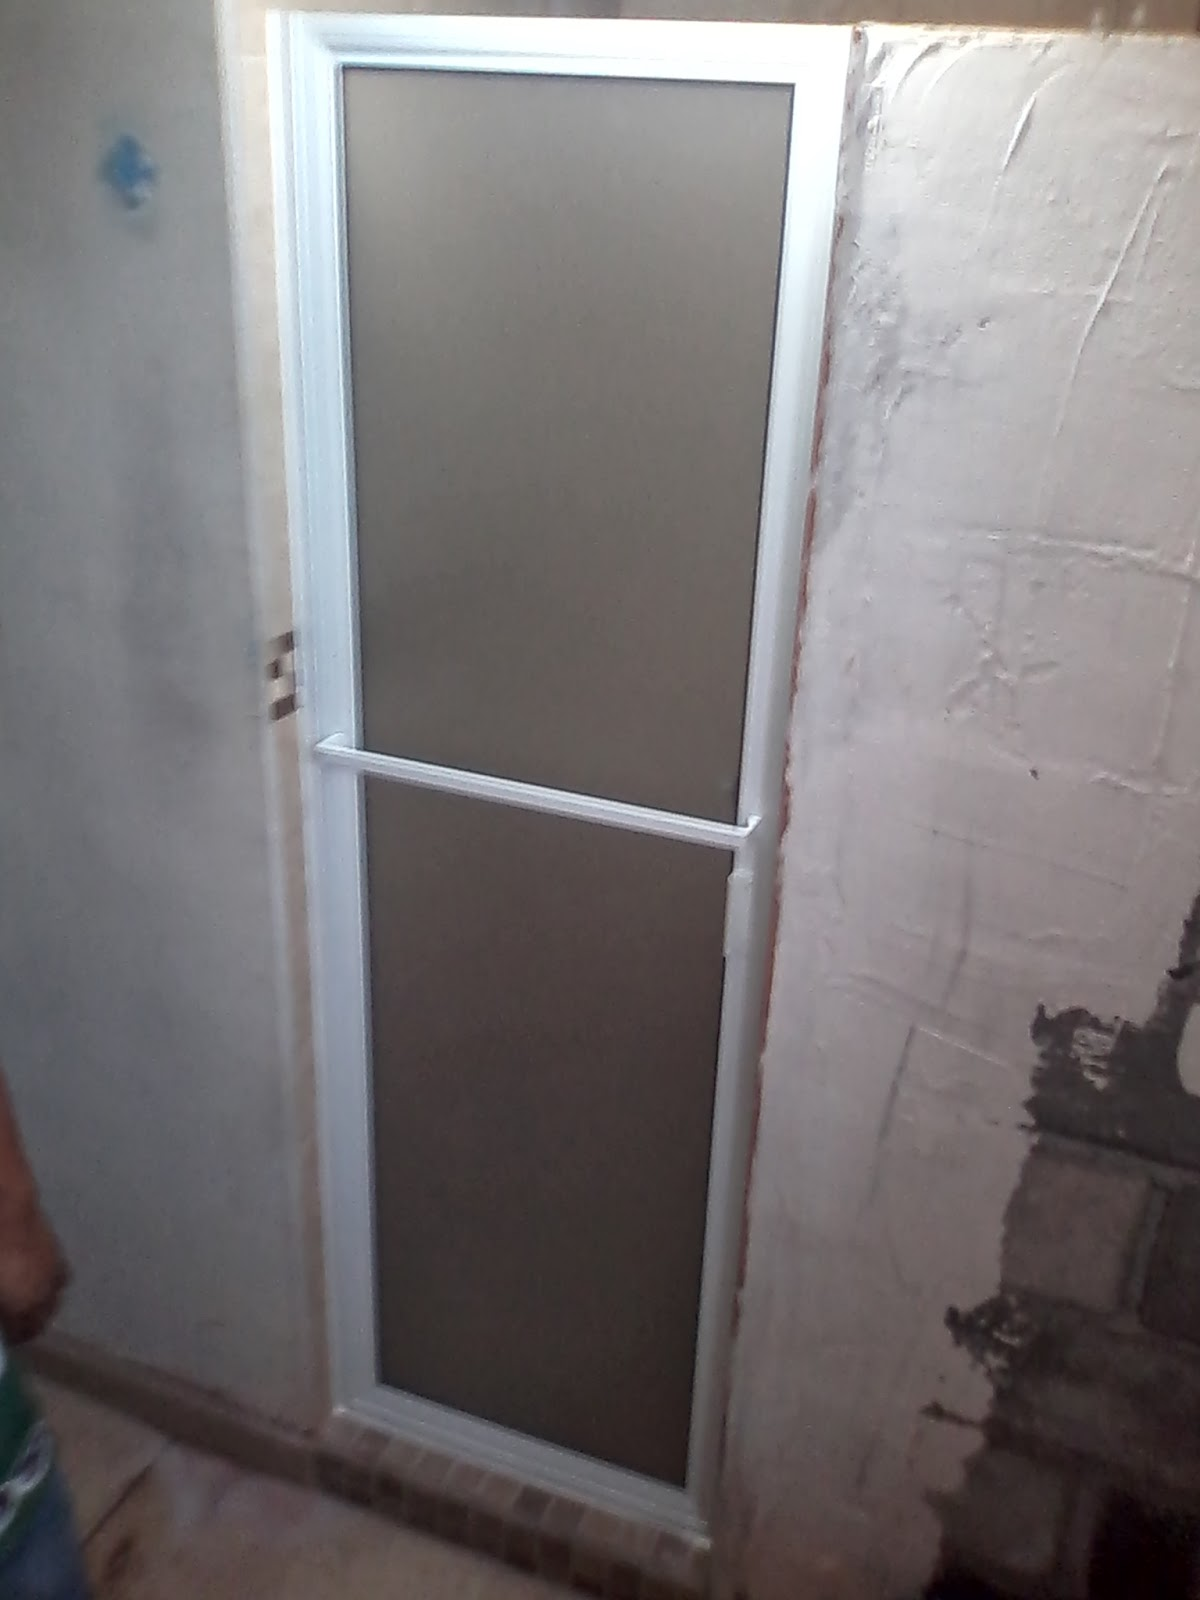 Imagenes De Puertas Para Baño De Aluminio:Puertas, ventanas de aluminio: PUERTA BATIENTE DE ALUMINIO CON